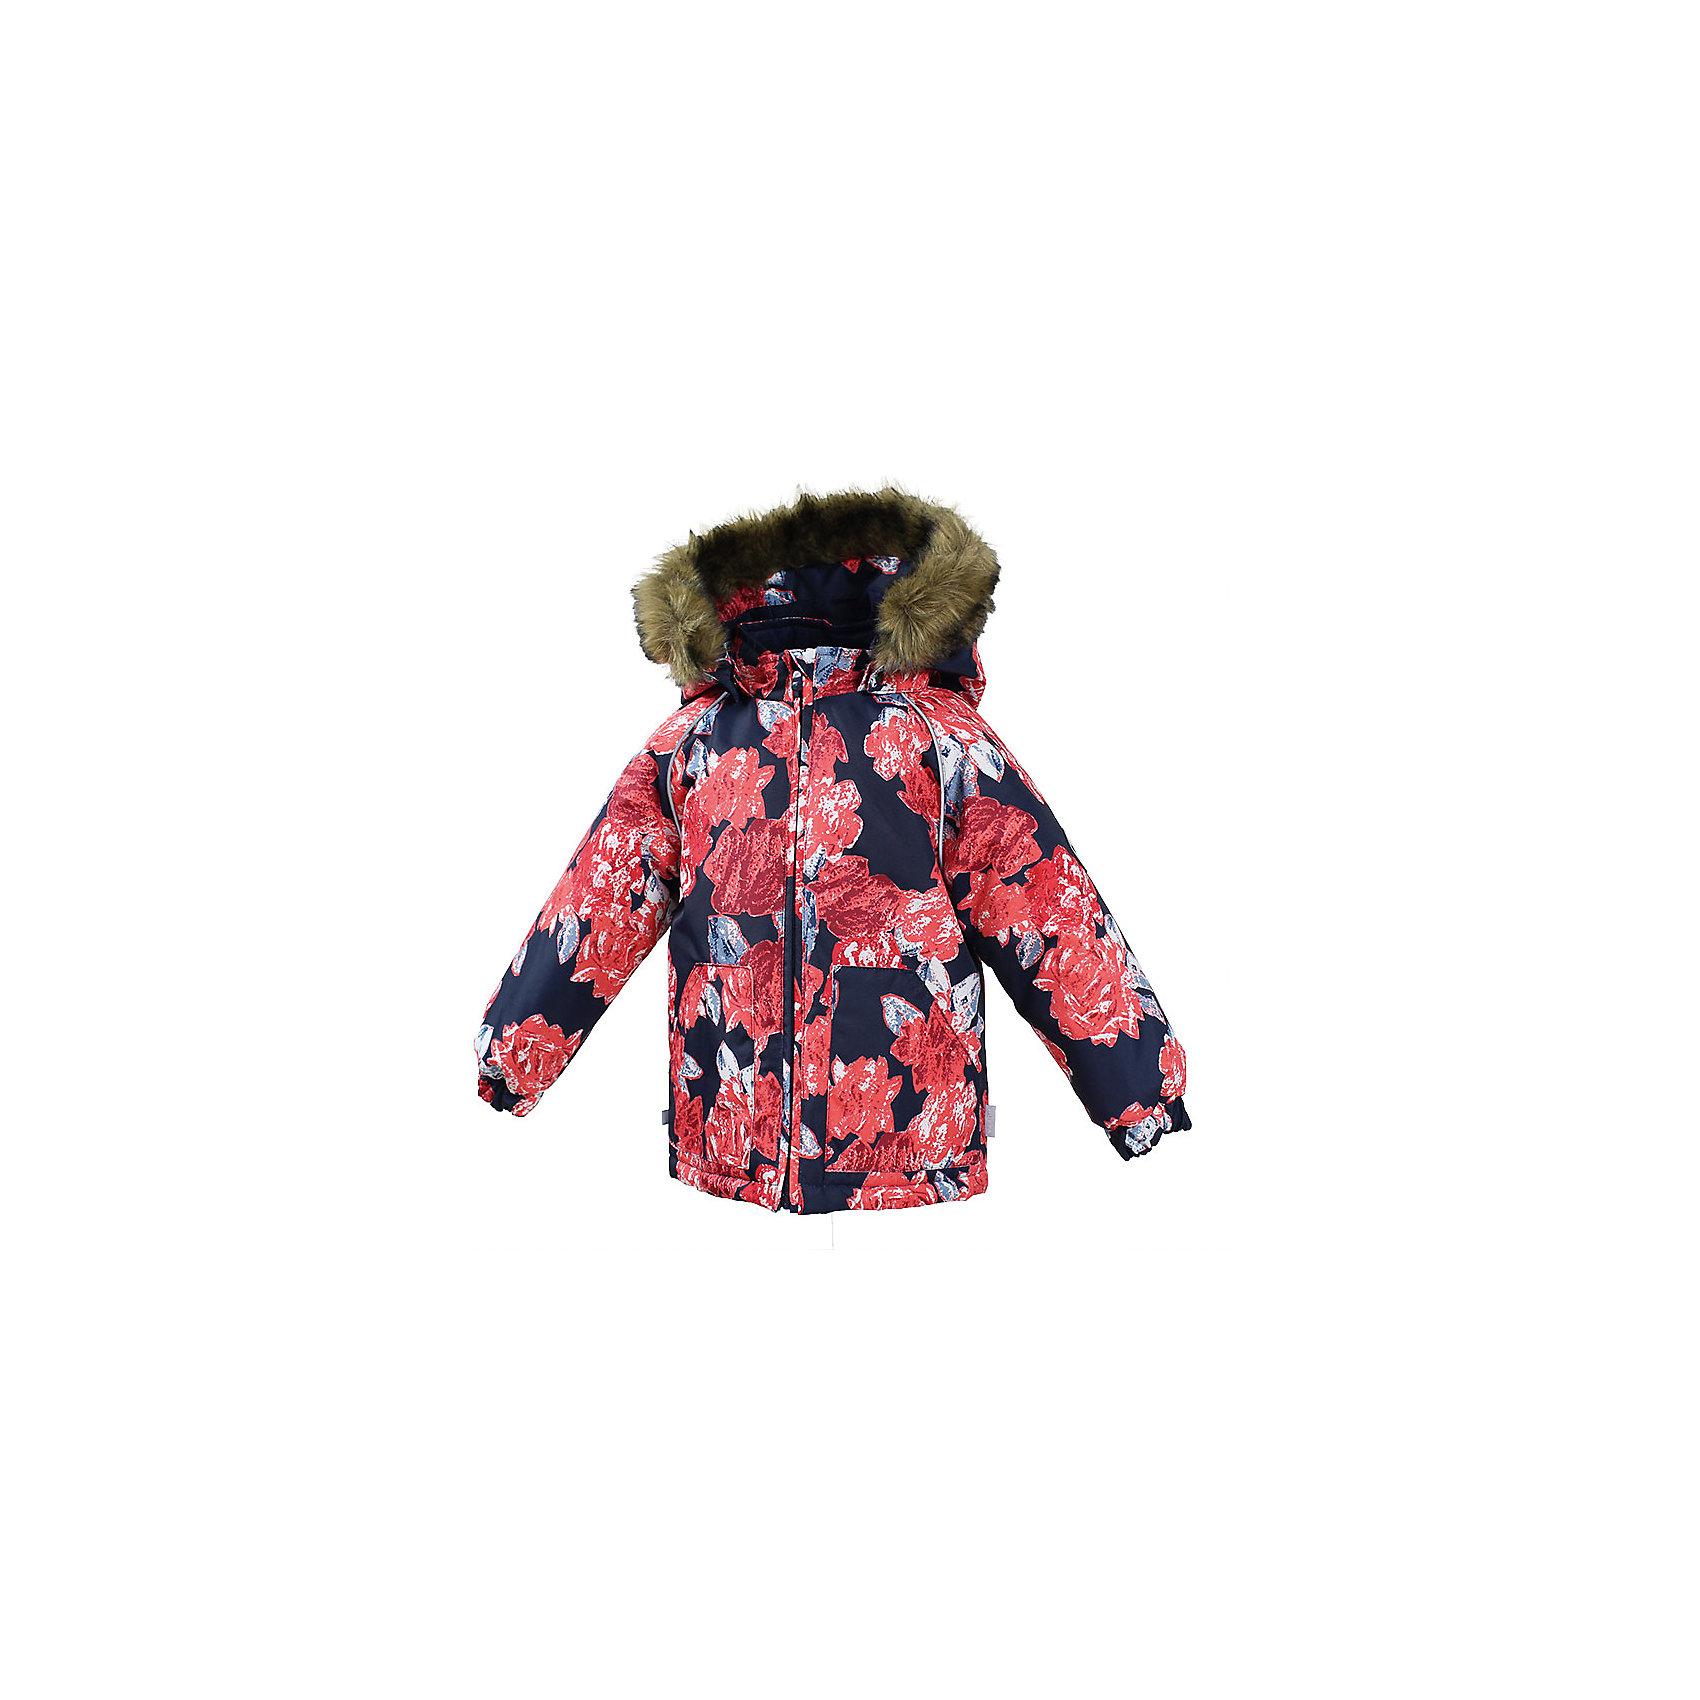 Куртка VIRGO HuppaЗимние куртки<br>Куртка для малышей VIRGO.Водо и воздухонепроницаемость 10 000. Утеплитель 300 гр. Подкладка фланель 100% хлопок. Отстегивающийся капюшон с мехом. Манжеты рукавов на резинке. Имеются светоотражательные детали.<br>Состав:<br>100% Полиэстер<br><br>Ширина мм: 356<br>Глубина мм: 10<br>Высота мм: 245<br>Вес г: 519<br>Цвет: синий<br>Возраст от месяцев: 36<br>Возраст до месяцев: 48<br>Пол: Унисекс<br>Возраст: Детский<br>Размер: 104,98,80,86,92<br>SKU: 7027228